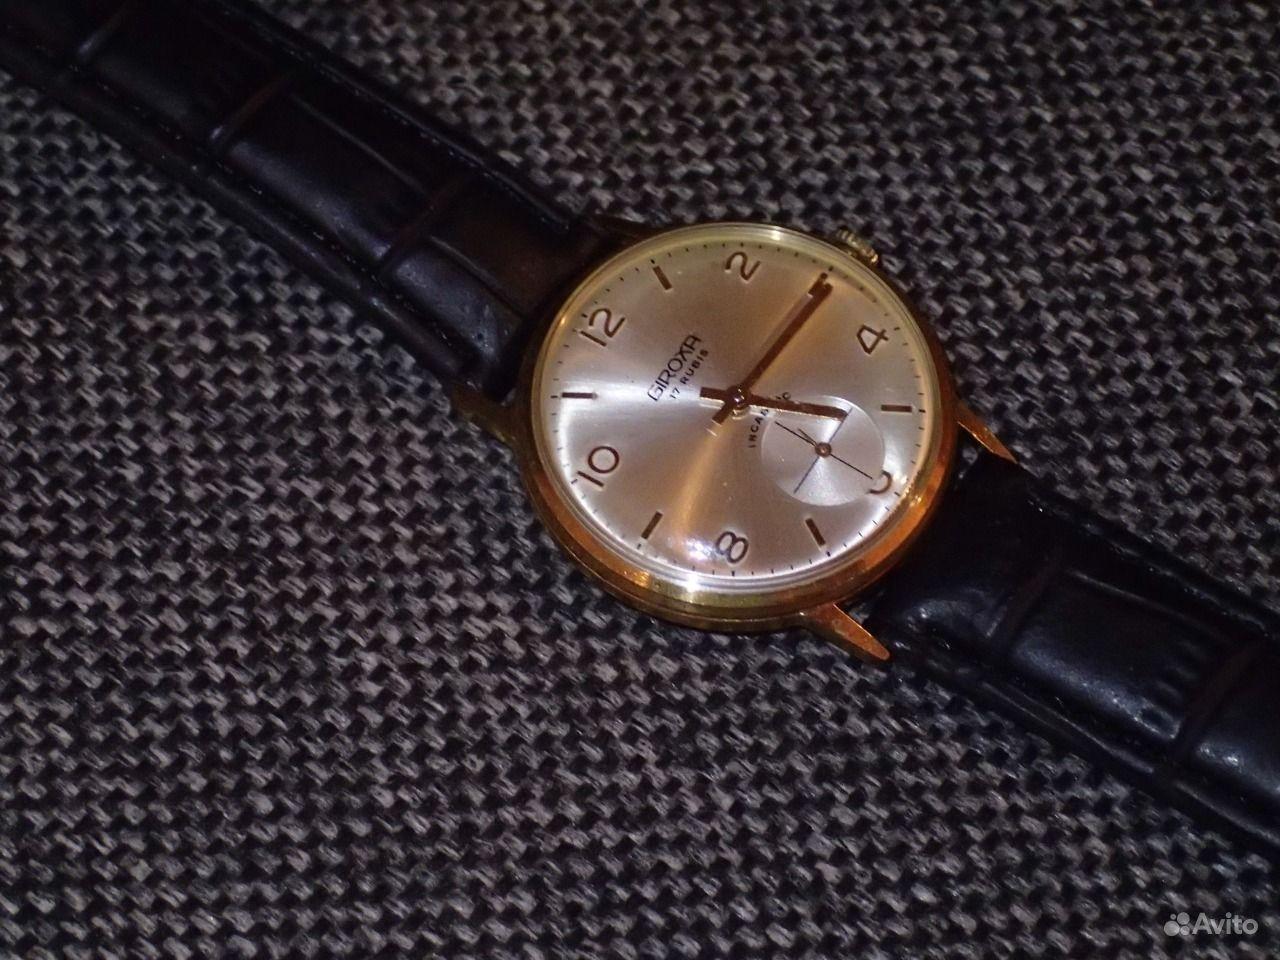 Купить швейцарские часы б у? Хроноленд оригинальные часы